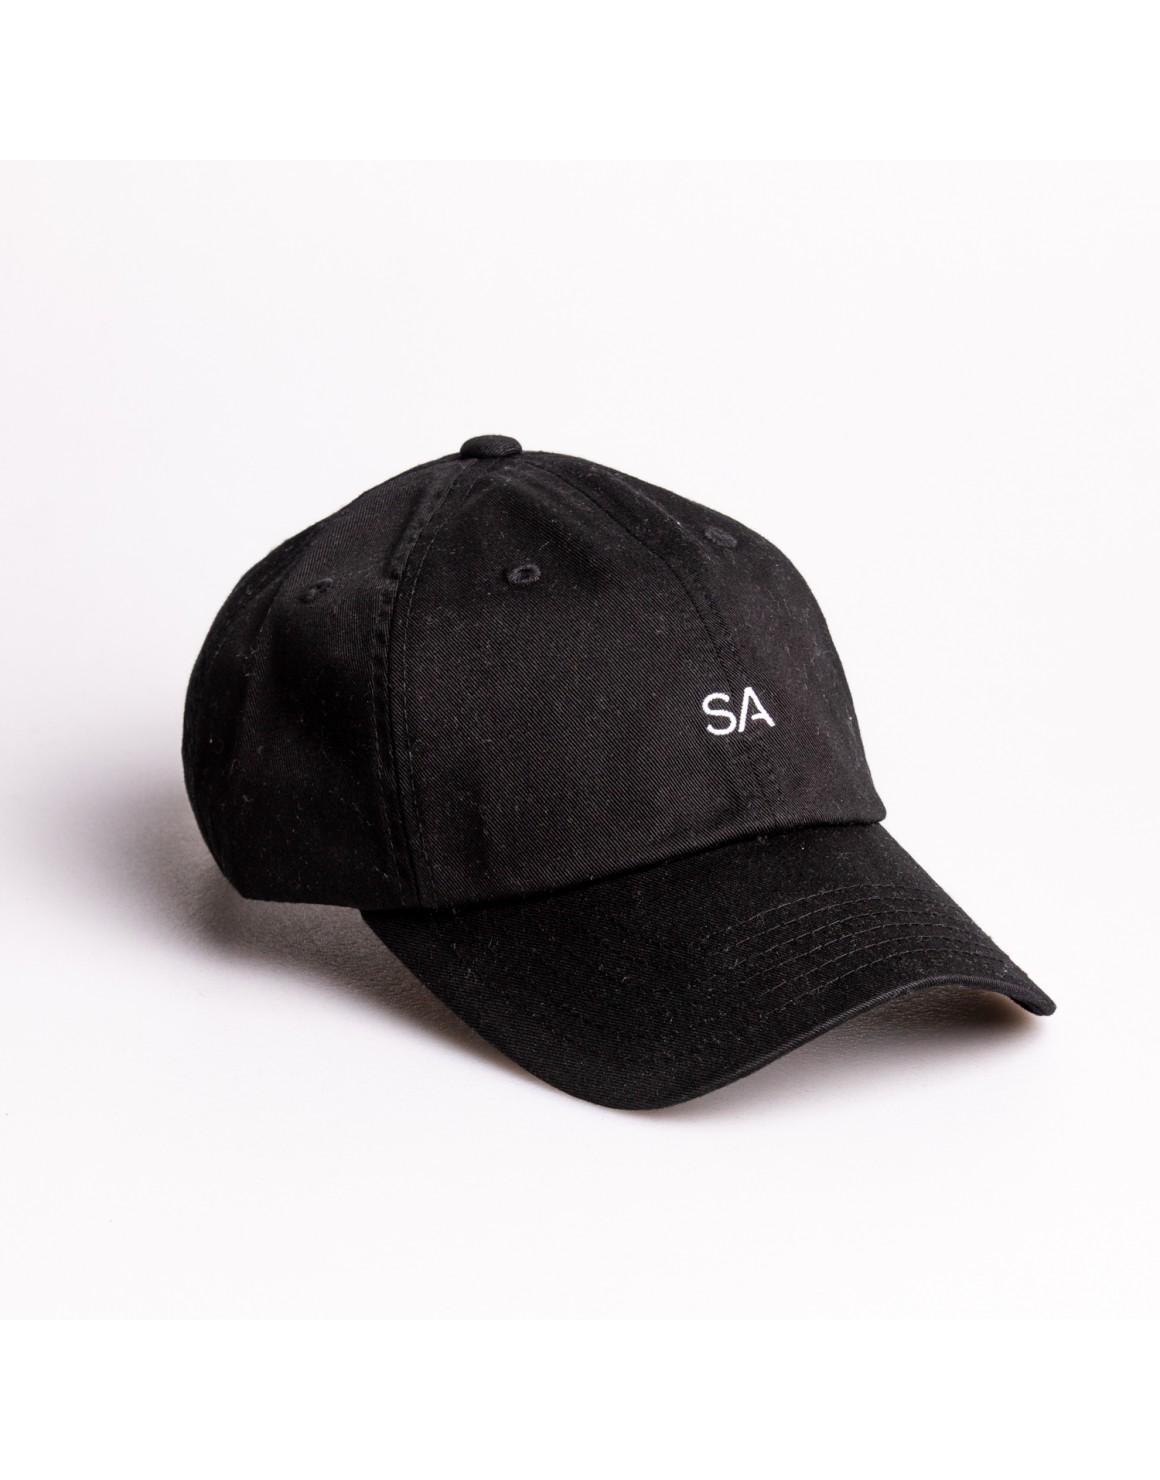 SA Ball Cap